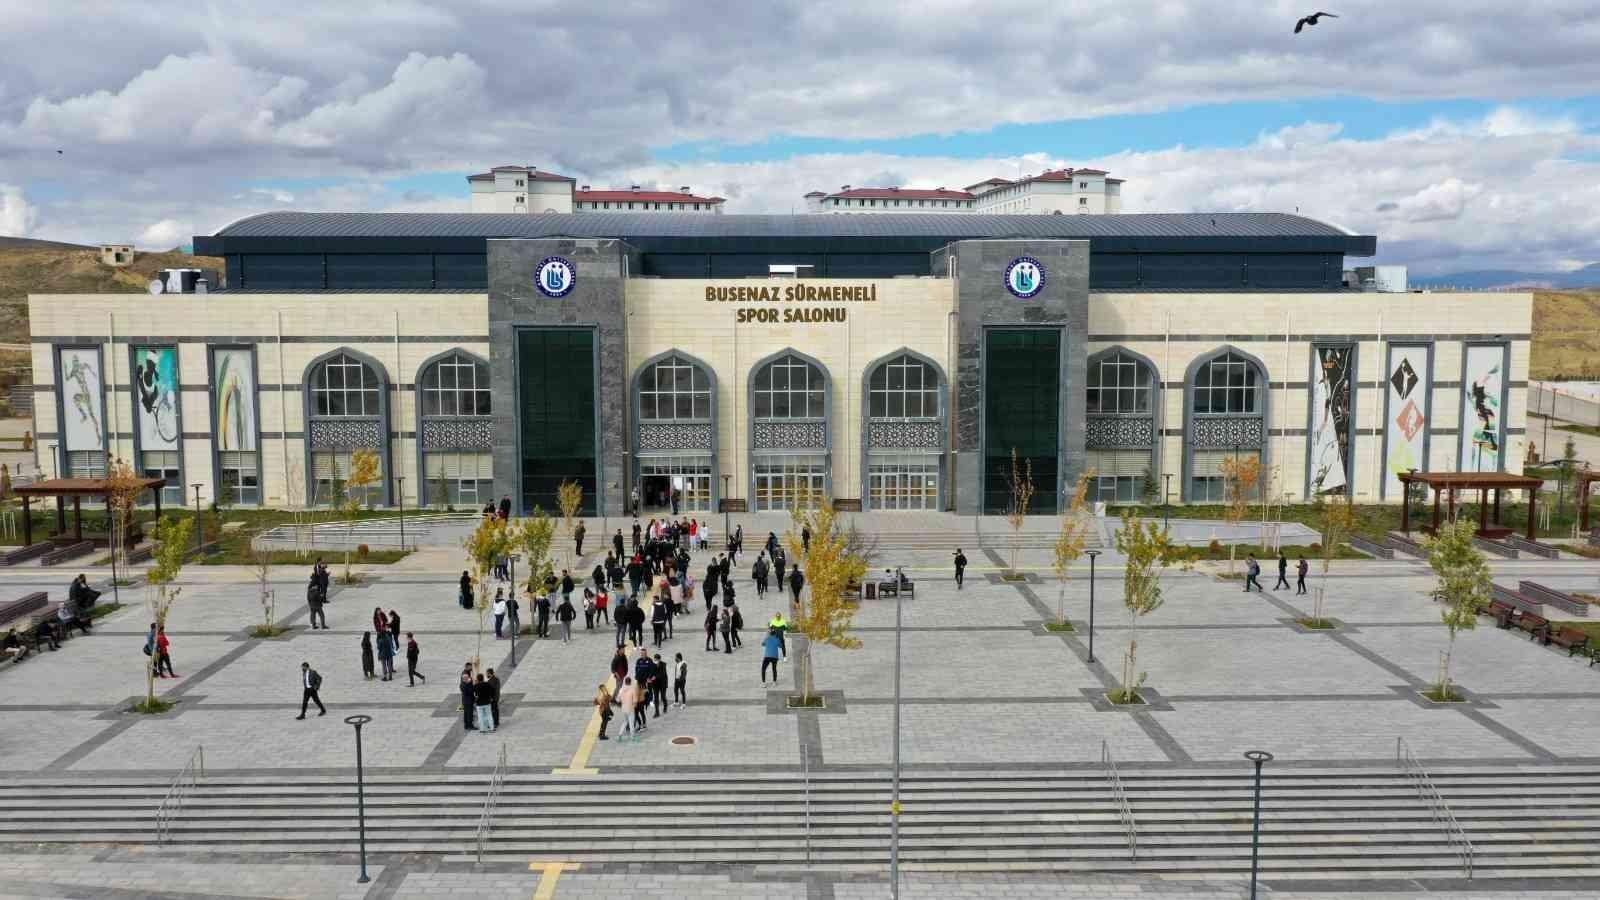 Bayburt Üniversitesi Spor Salonuna Milli Boksör Busenaz Sürmeli'nin adı verildi #bayburt